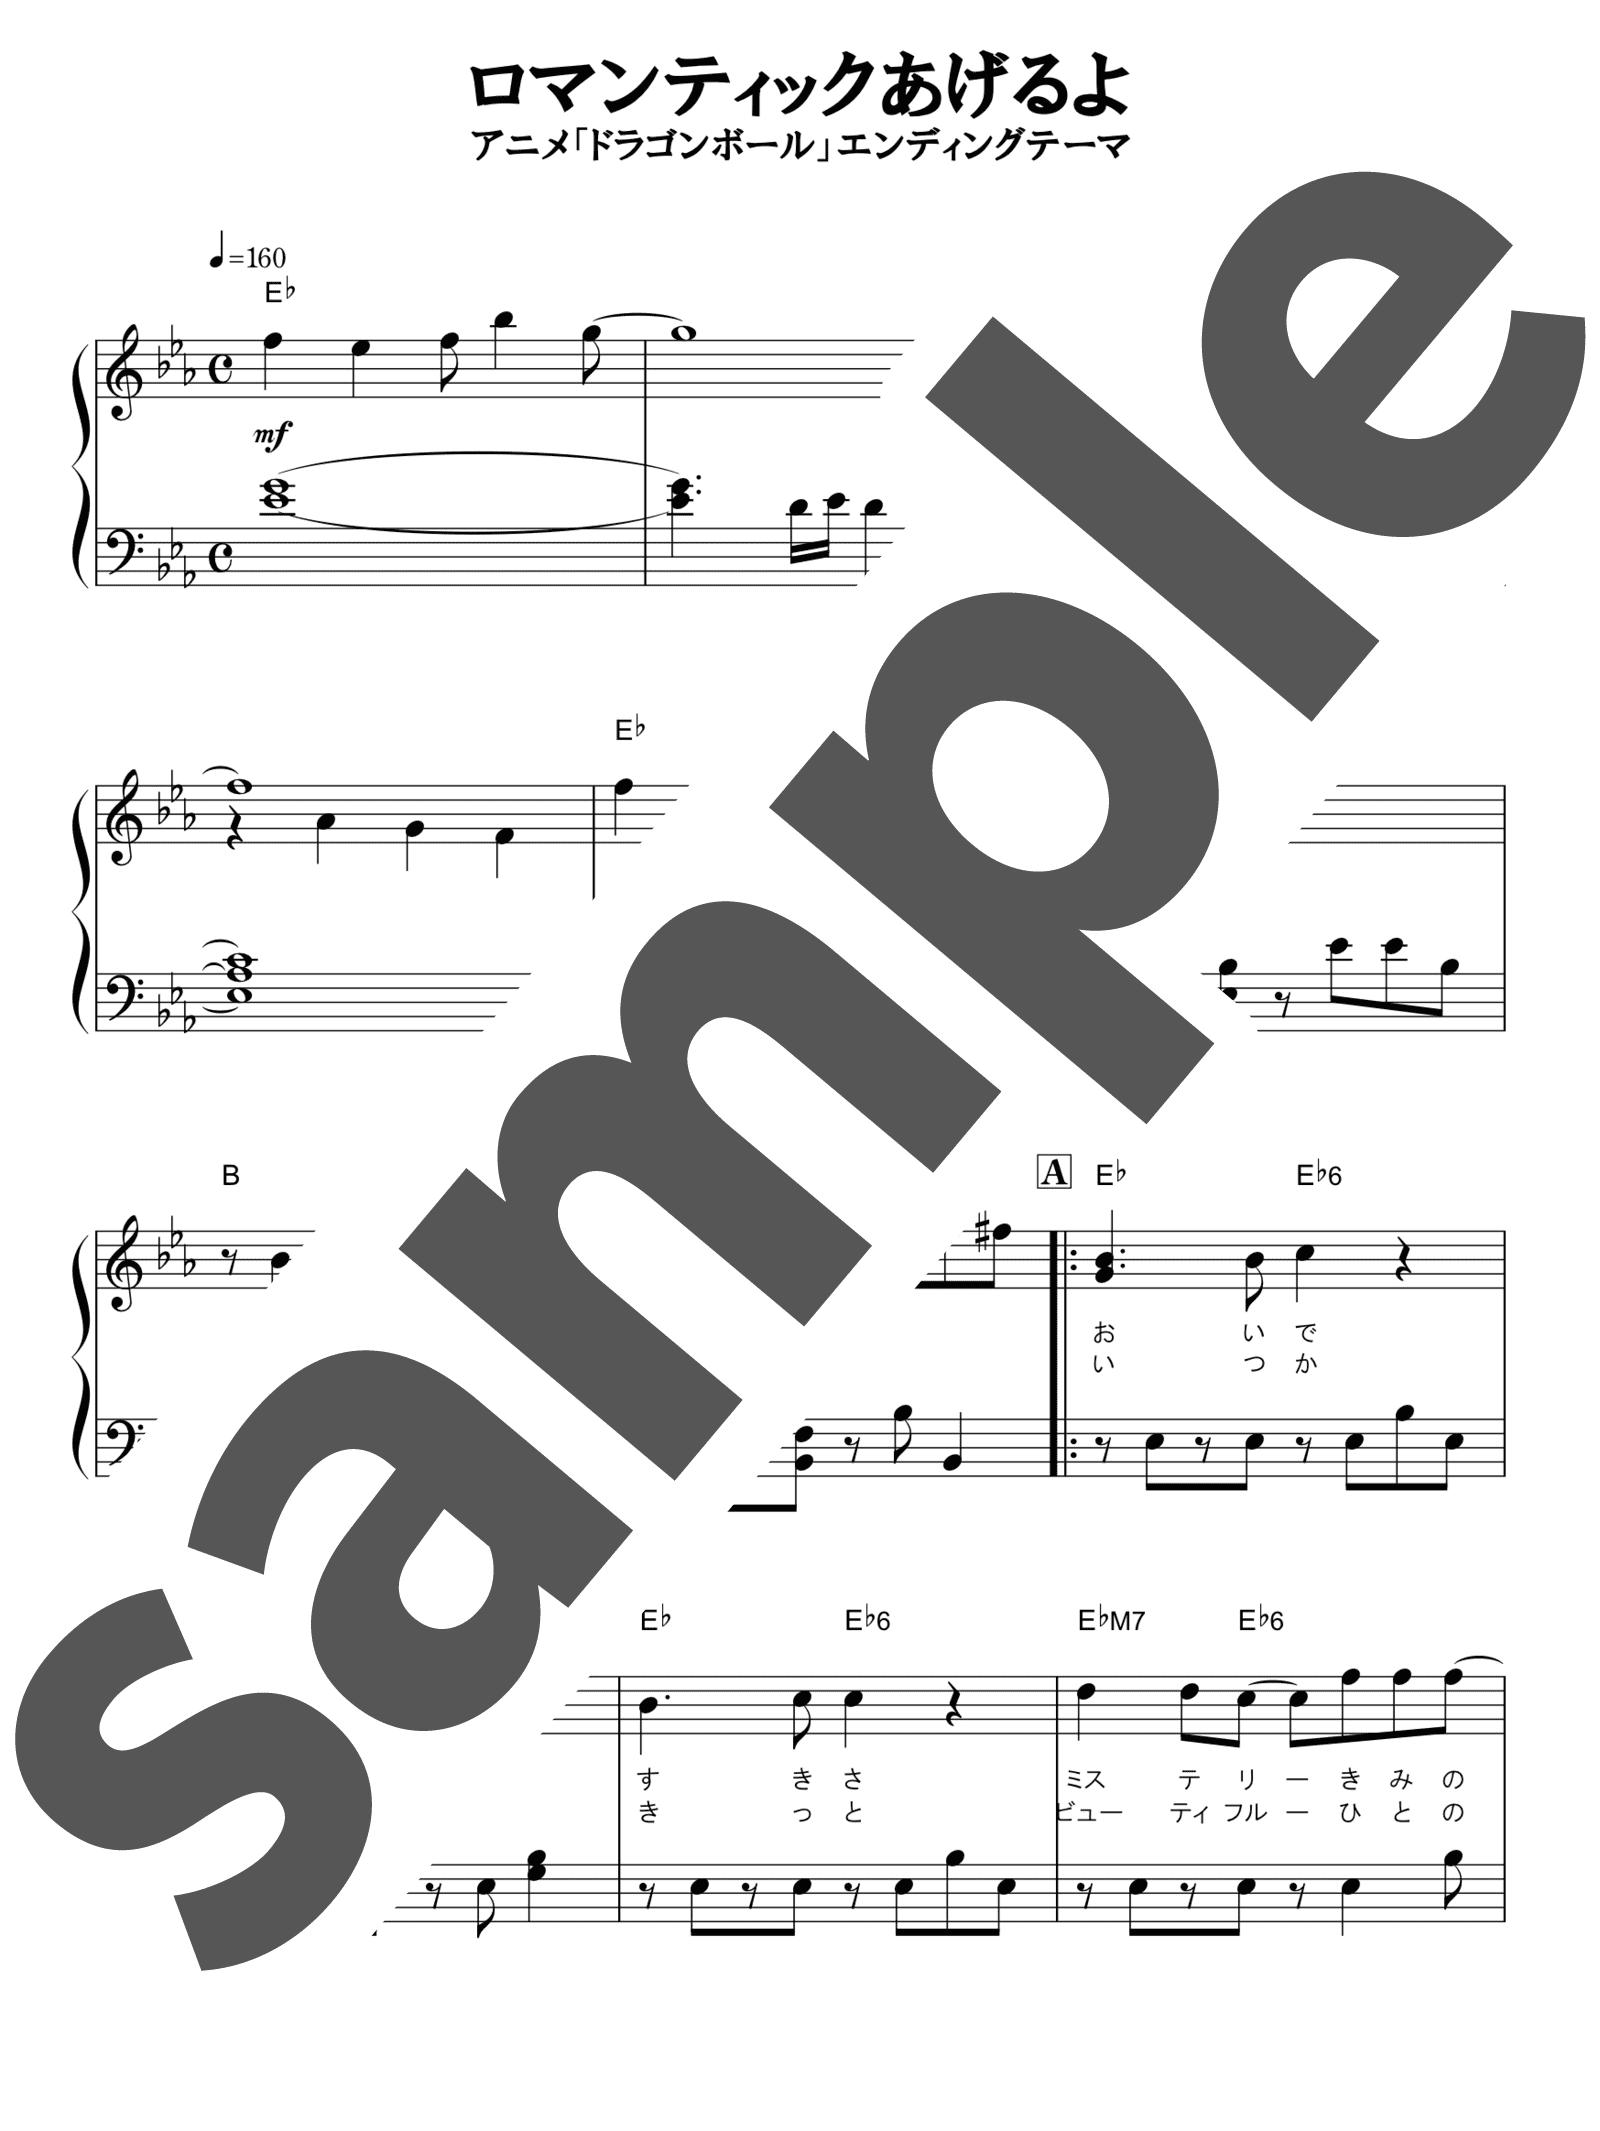 「ロマンティックあげるよ」のサンプル楽譜